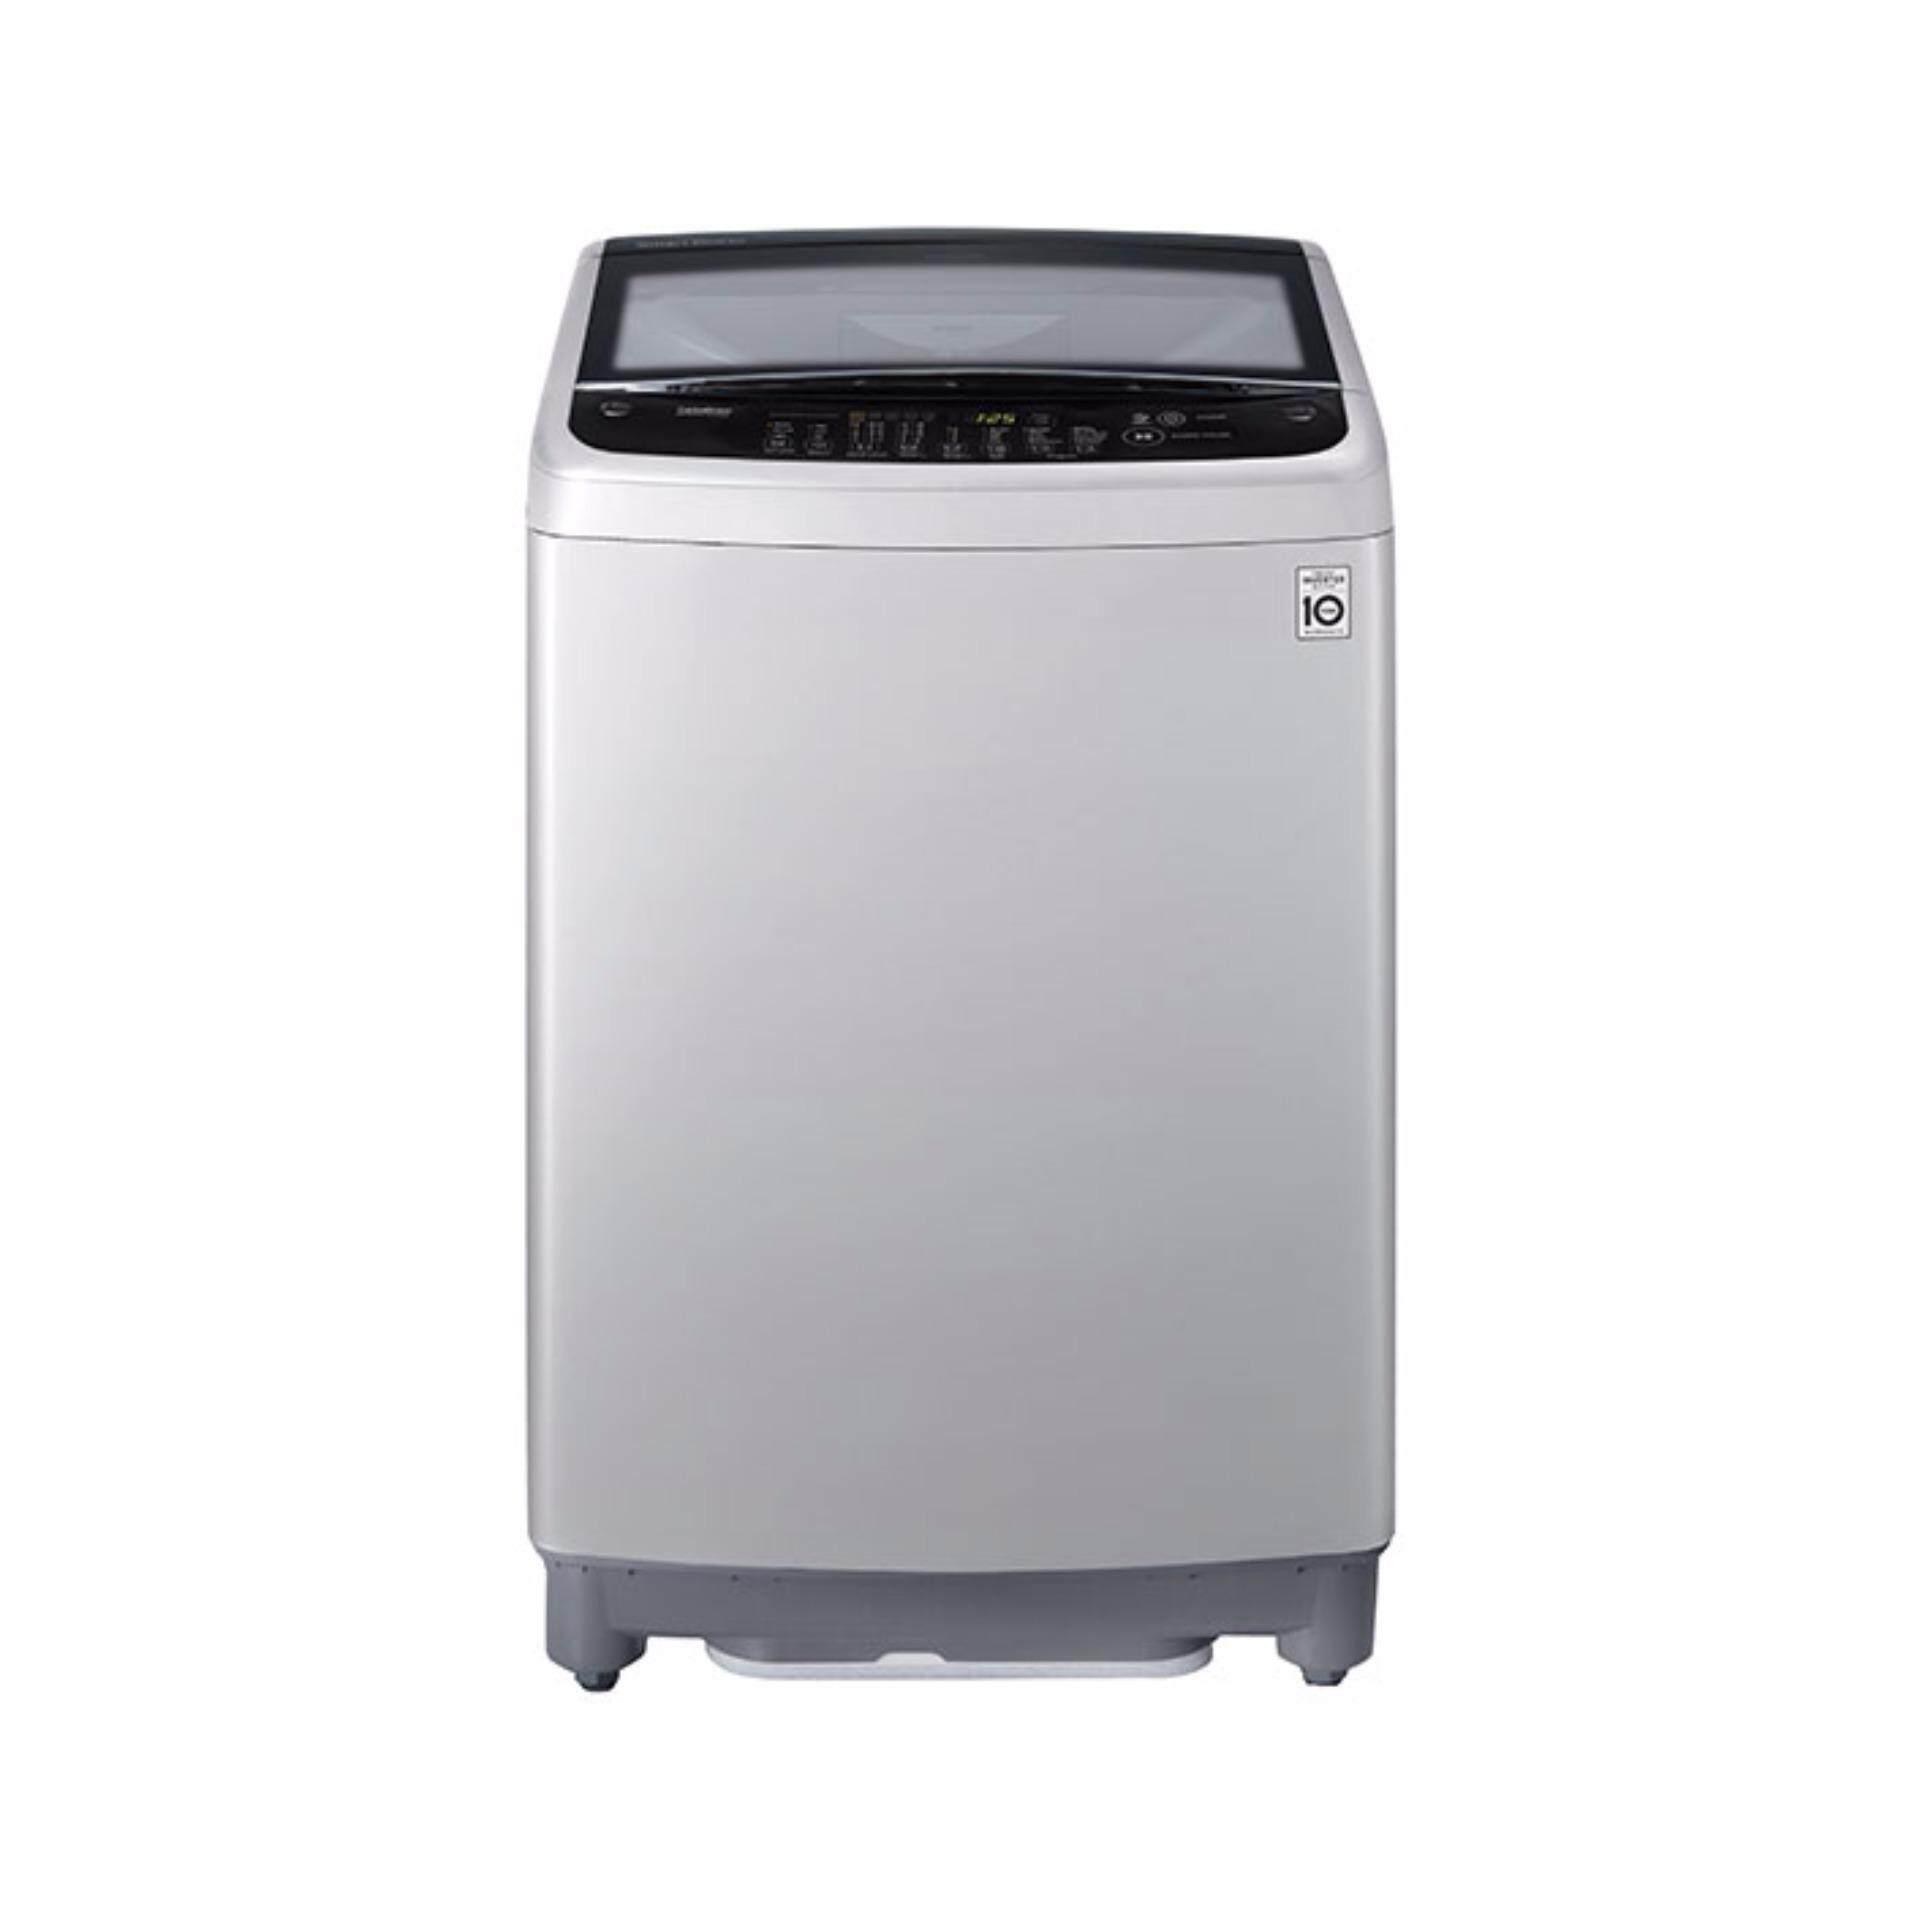 ขอถามคนที่ใช้ เครื่องซักผ้า แอลจี ลด -60% LG เครื่องซักผ้าระบบ Smart Inverter ความจุซัก 15 KG. รุ่น T2515VSAL ของแท้ เก็บเงินปลายทาง ส่งฟรี